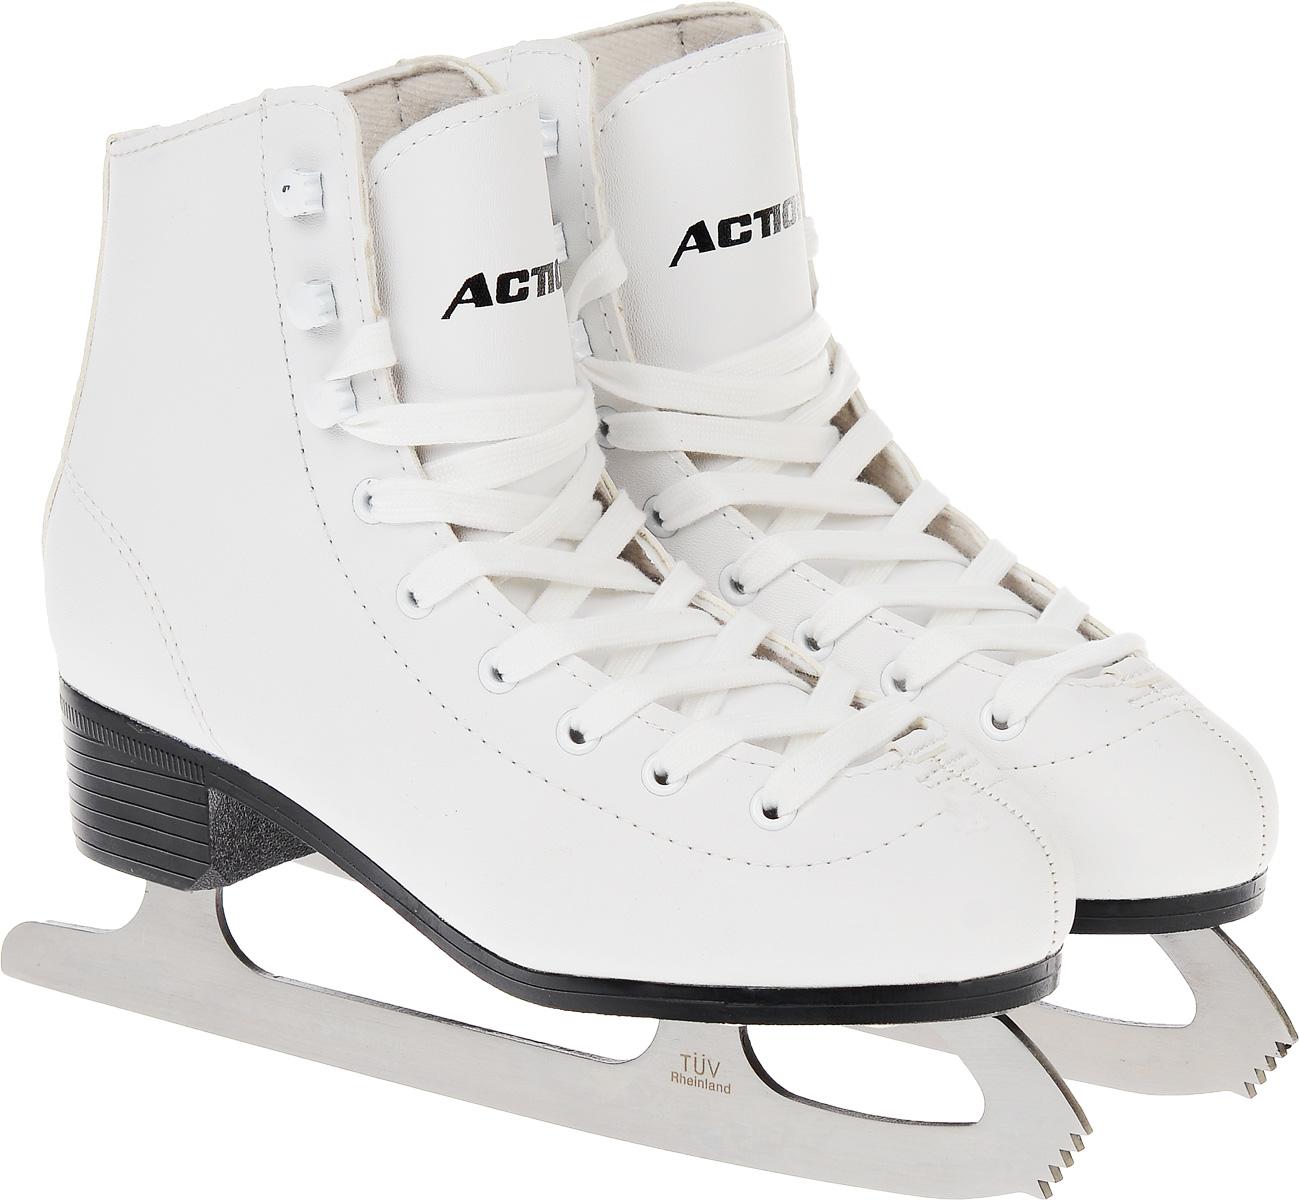 Коньки фигурные женские Action Sporting Goods, цвет: белый. PW-215. Размер 36PW215Высокий классический ботинок идеально подойдет для любительского катания. Модель снабжена системой быстрой шнуровки и поддержкой голеностопа. Верх ботинка выполнен из высококачественной искусственной кожи, подошва - твердый пластик. Лезвие изготовлено из нержавеющей стали со специальным покрытием, придающим дополнительную прочность.